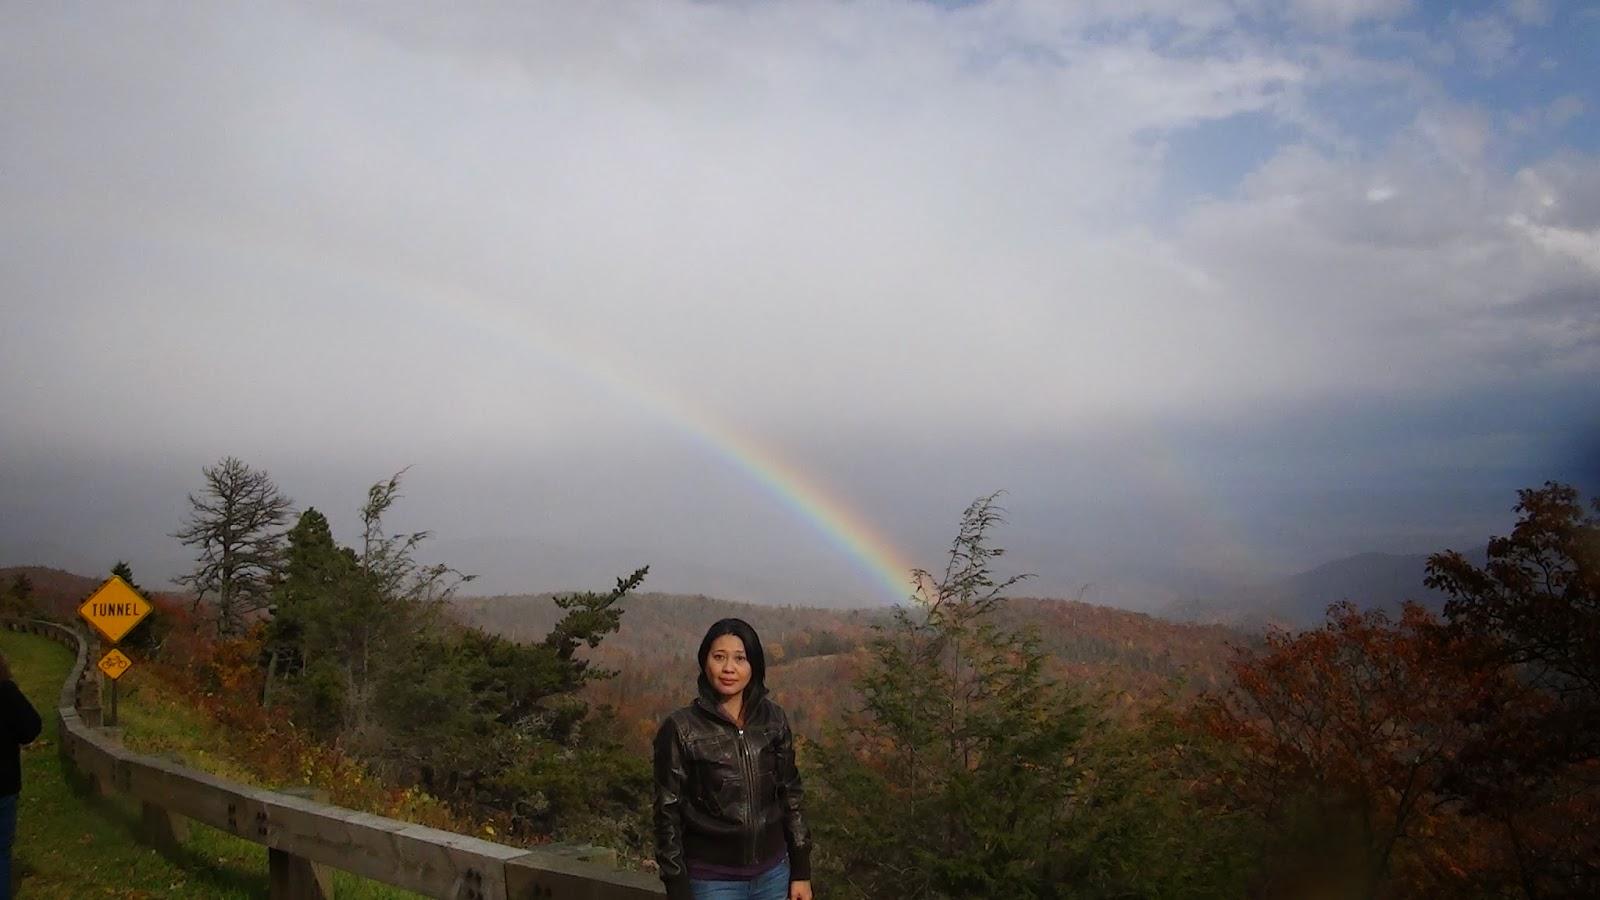 Magical Double Rainbow